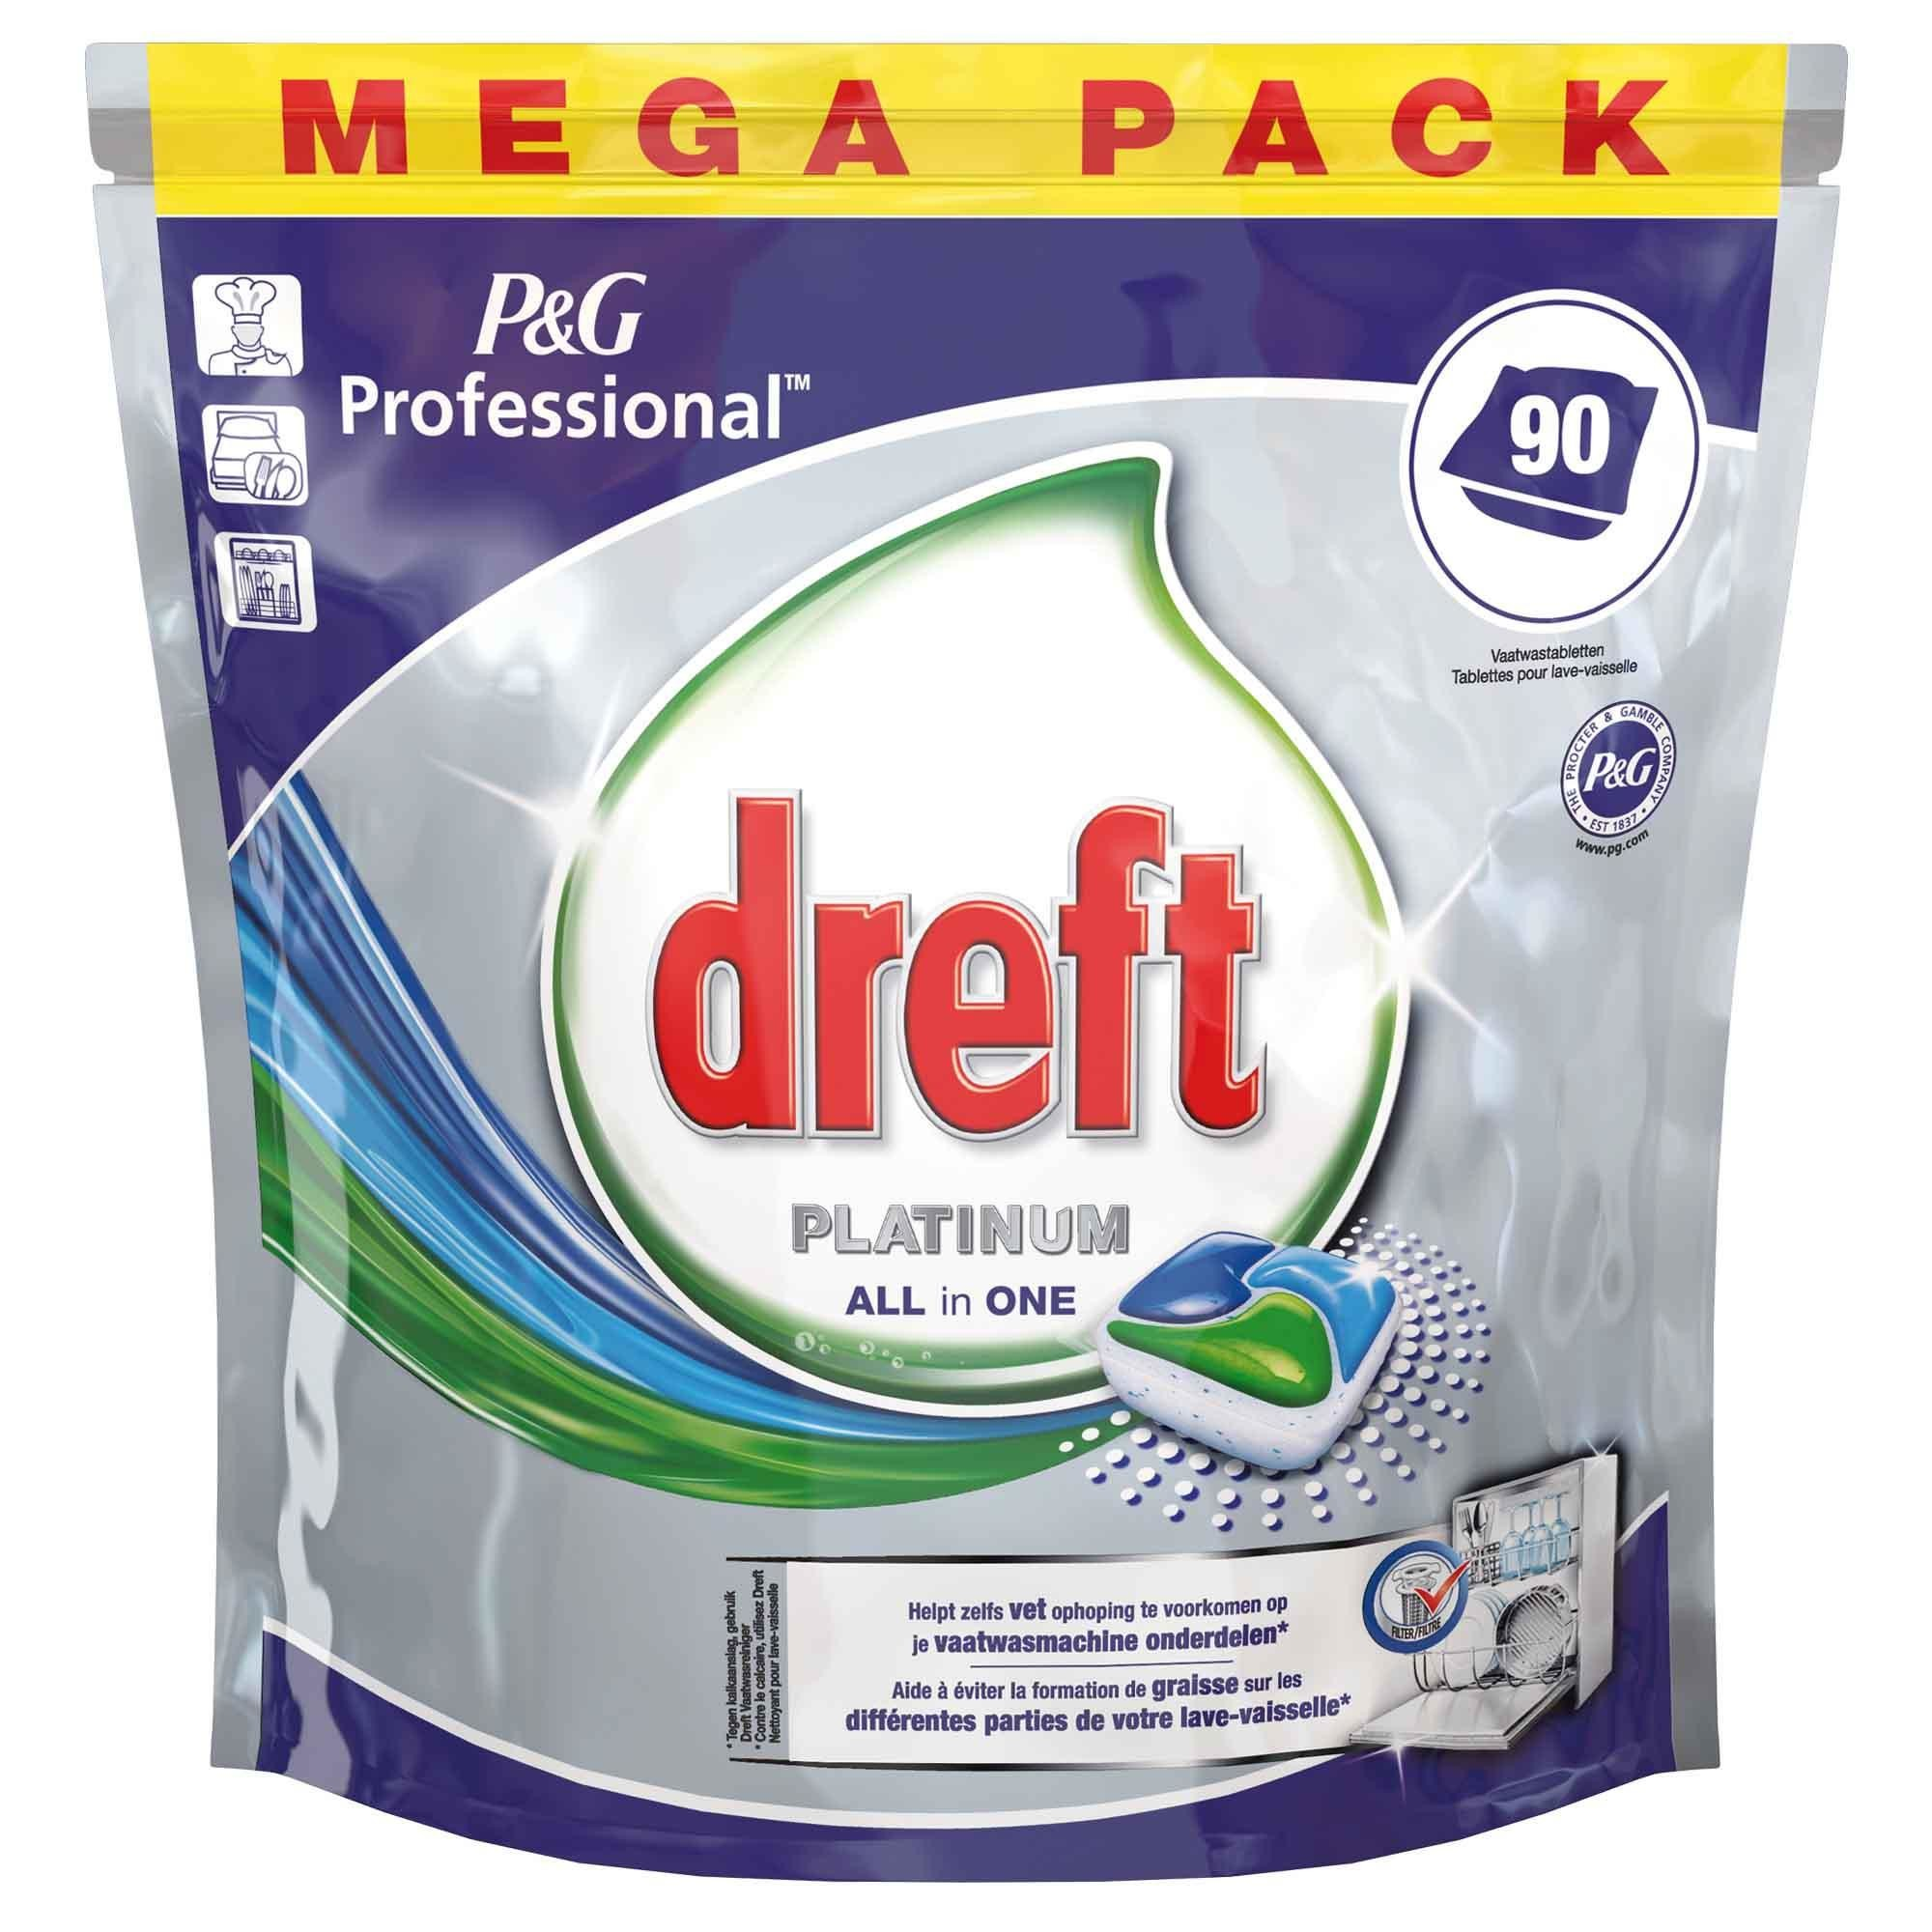 Dreft Platinum Caps Dishwasher Tablets 90pcs P&G Professional